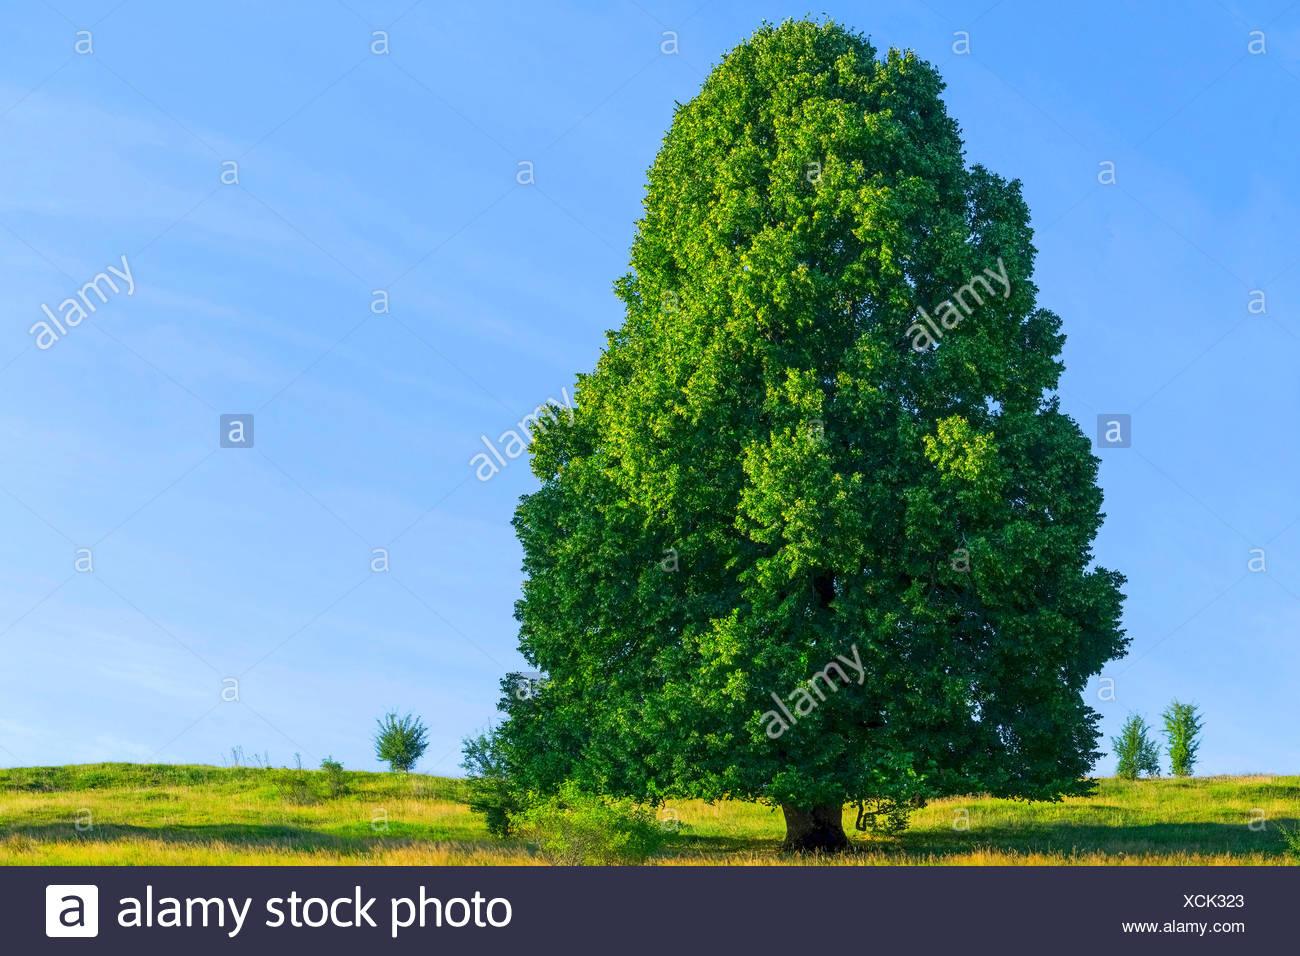 Linde (Tilia spec.), einzeln stehender Lindenbaum, Deutschland, Bayern, Oberbayern | basswood, linden, lime tree (Tilia spec.),  - Stock Image